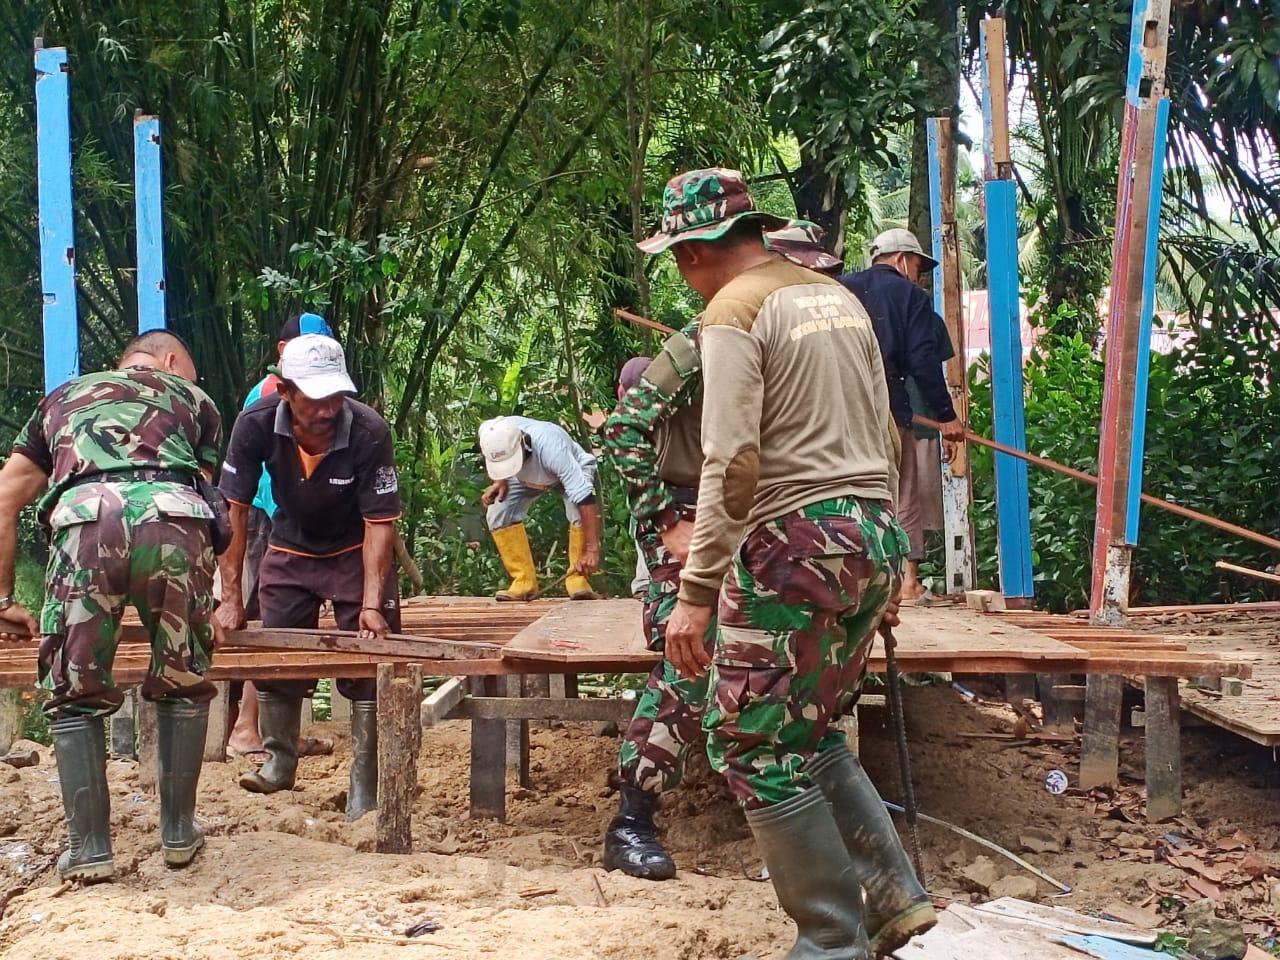 Dandim 1002/HST Apresiasi Warga Relakan Tanah Untuk Bangunan Musholla